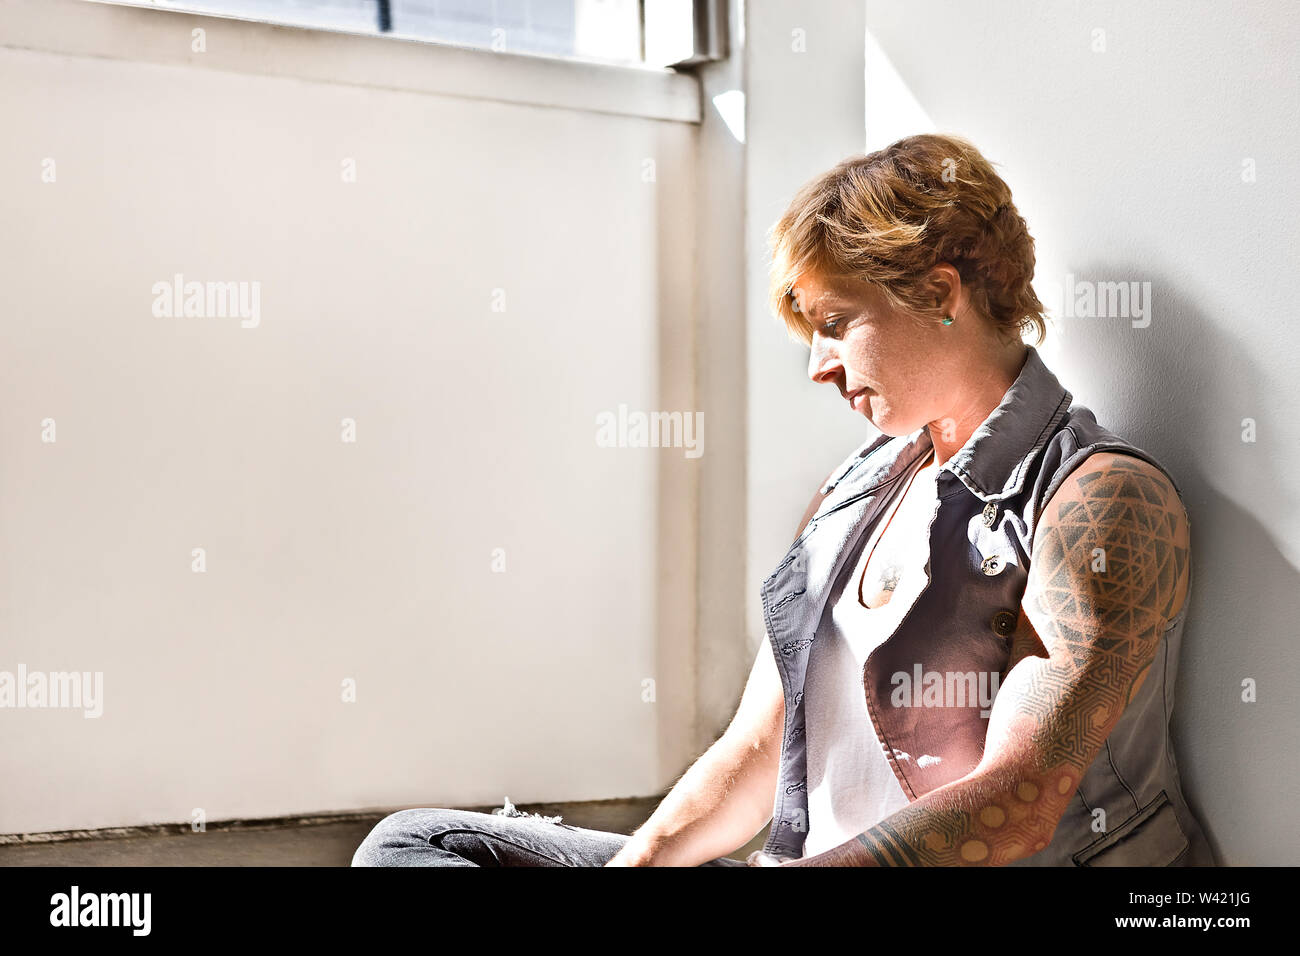 Femme avec un tatouage sur les mains souffrent d'un problème et d'essayer de le résoudre penser assis sur le sol au soleil dans une chambre Photo Stock